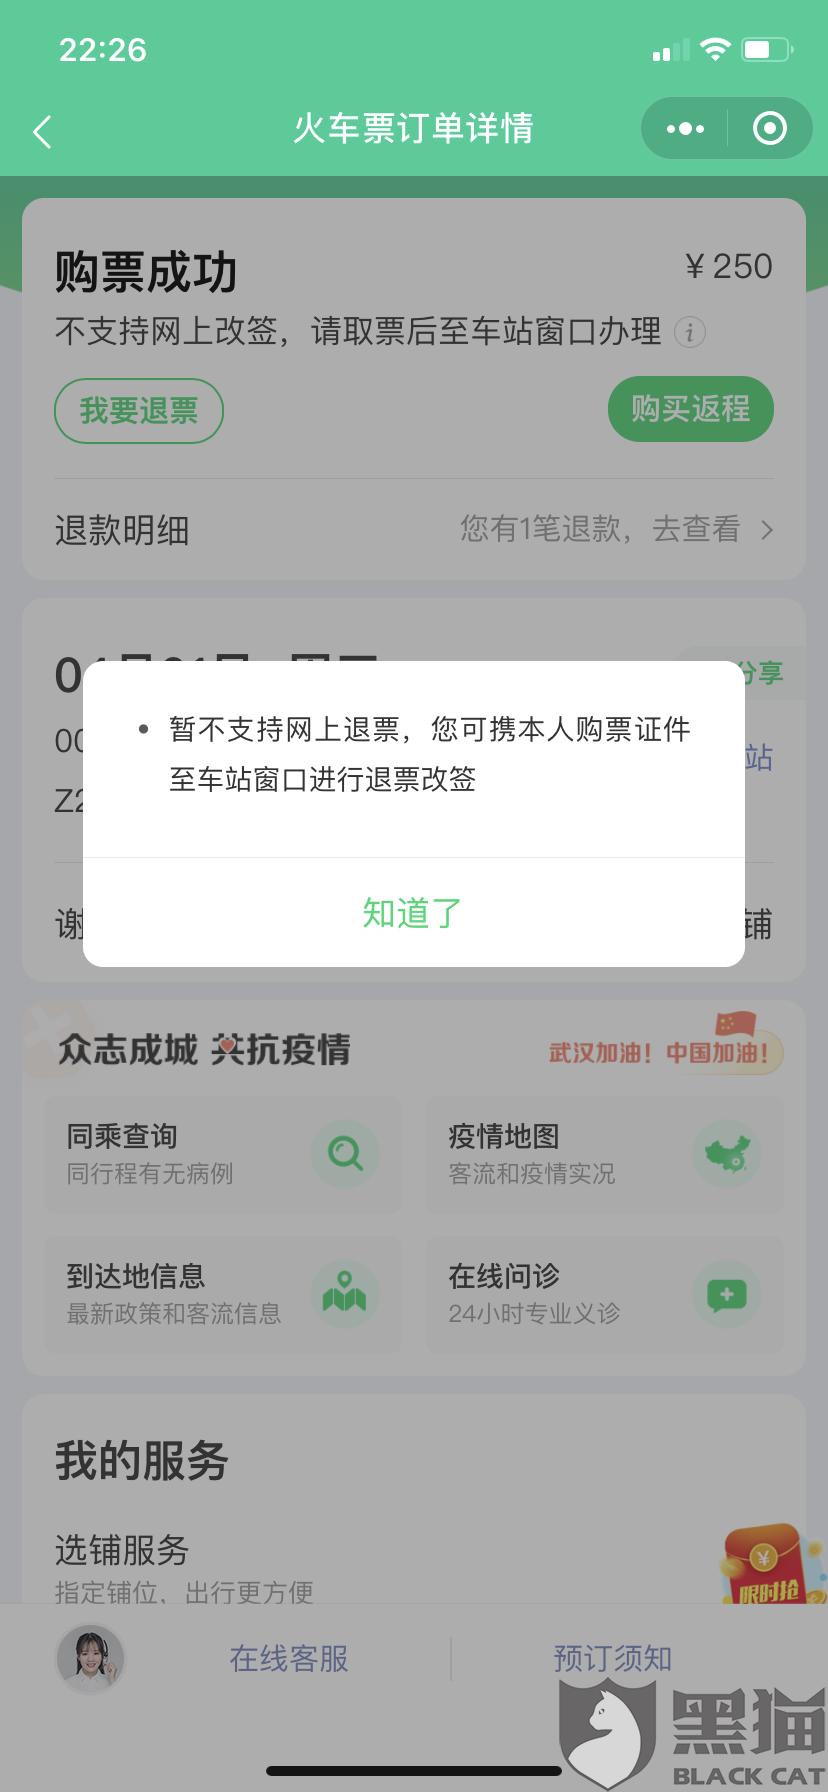 黑猫投诉:微信同城艺龙购买火车票不予退款